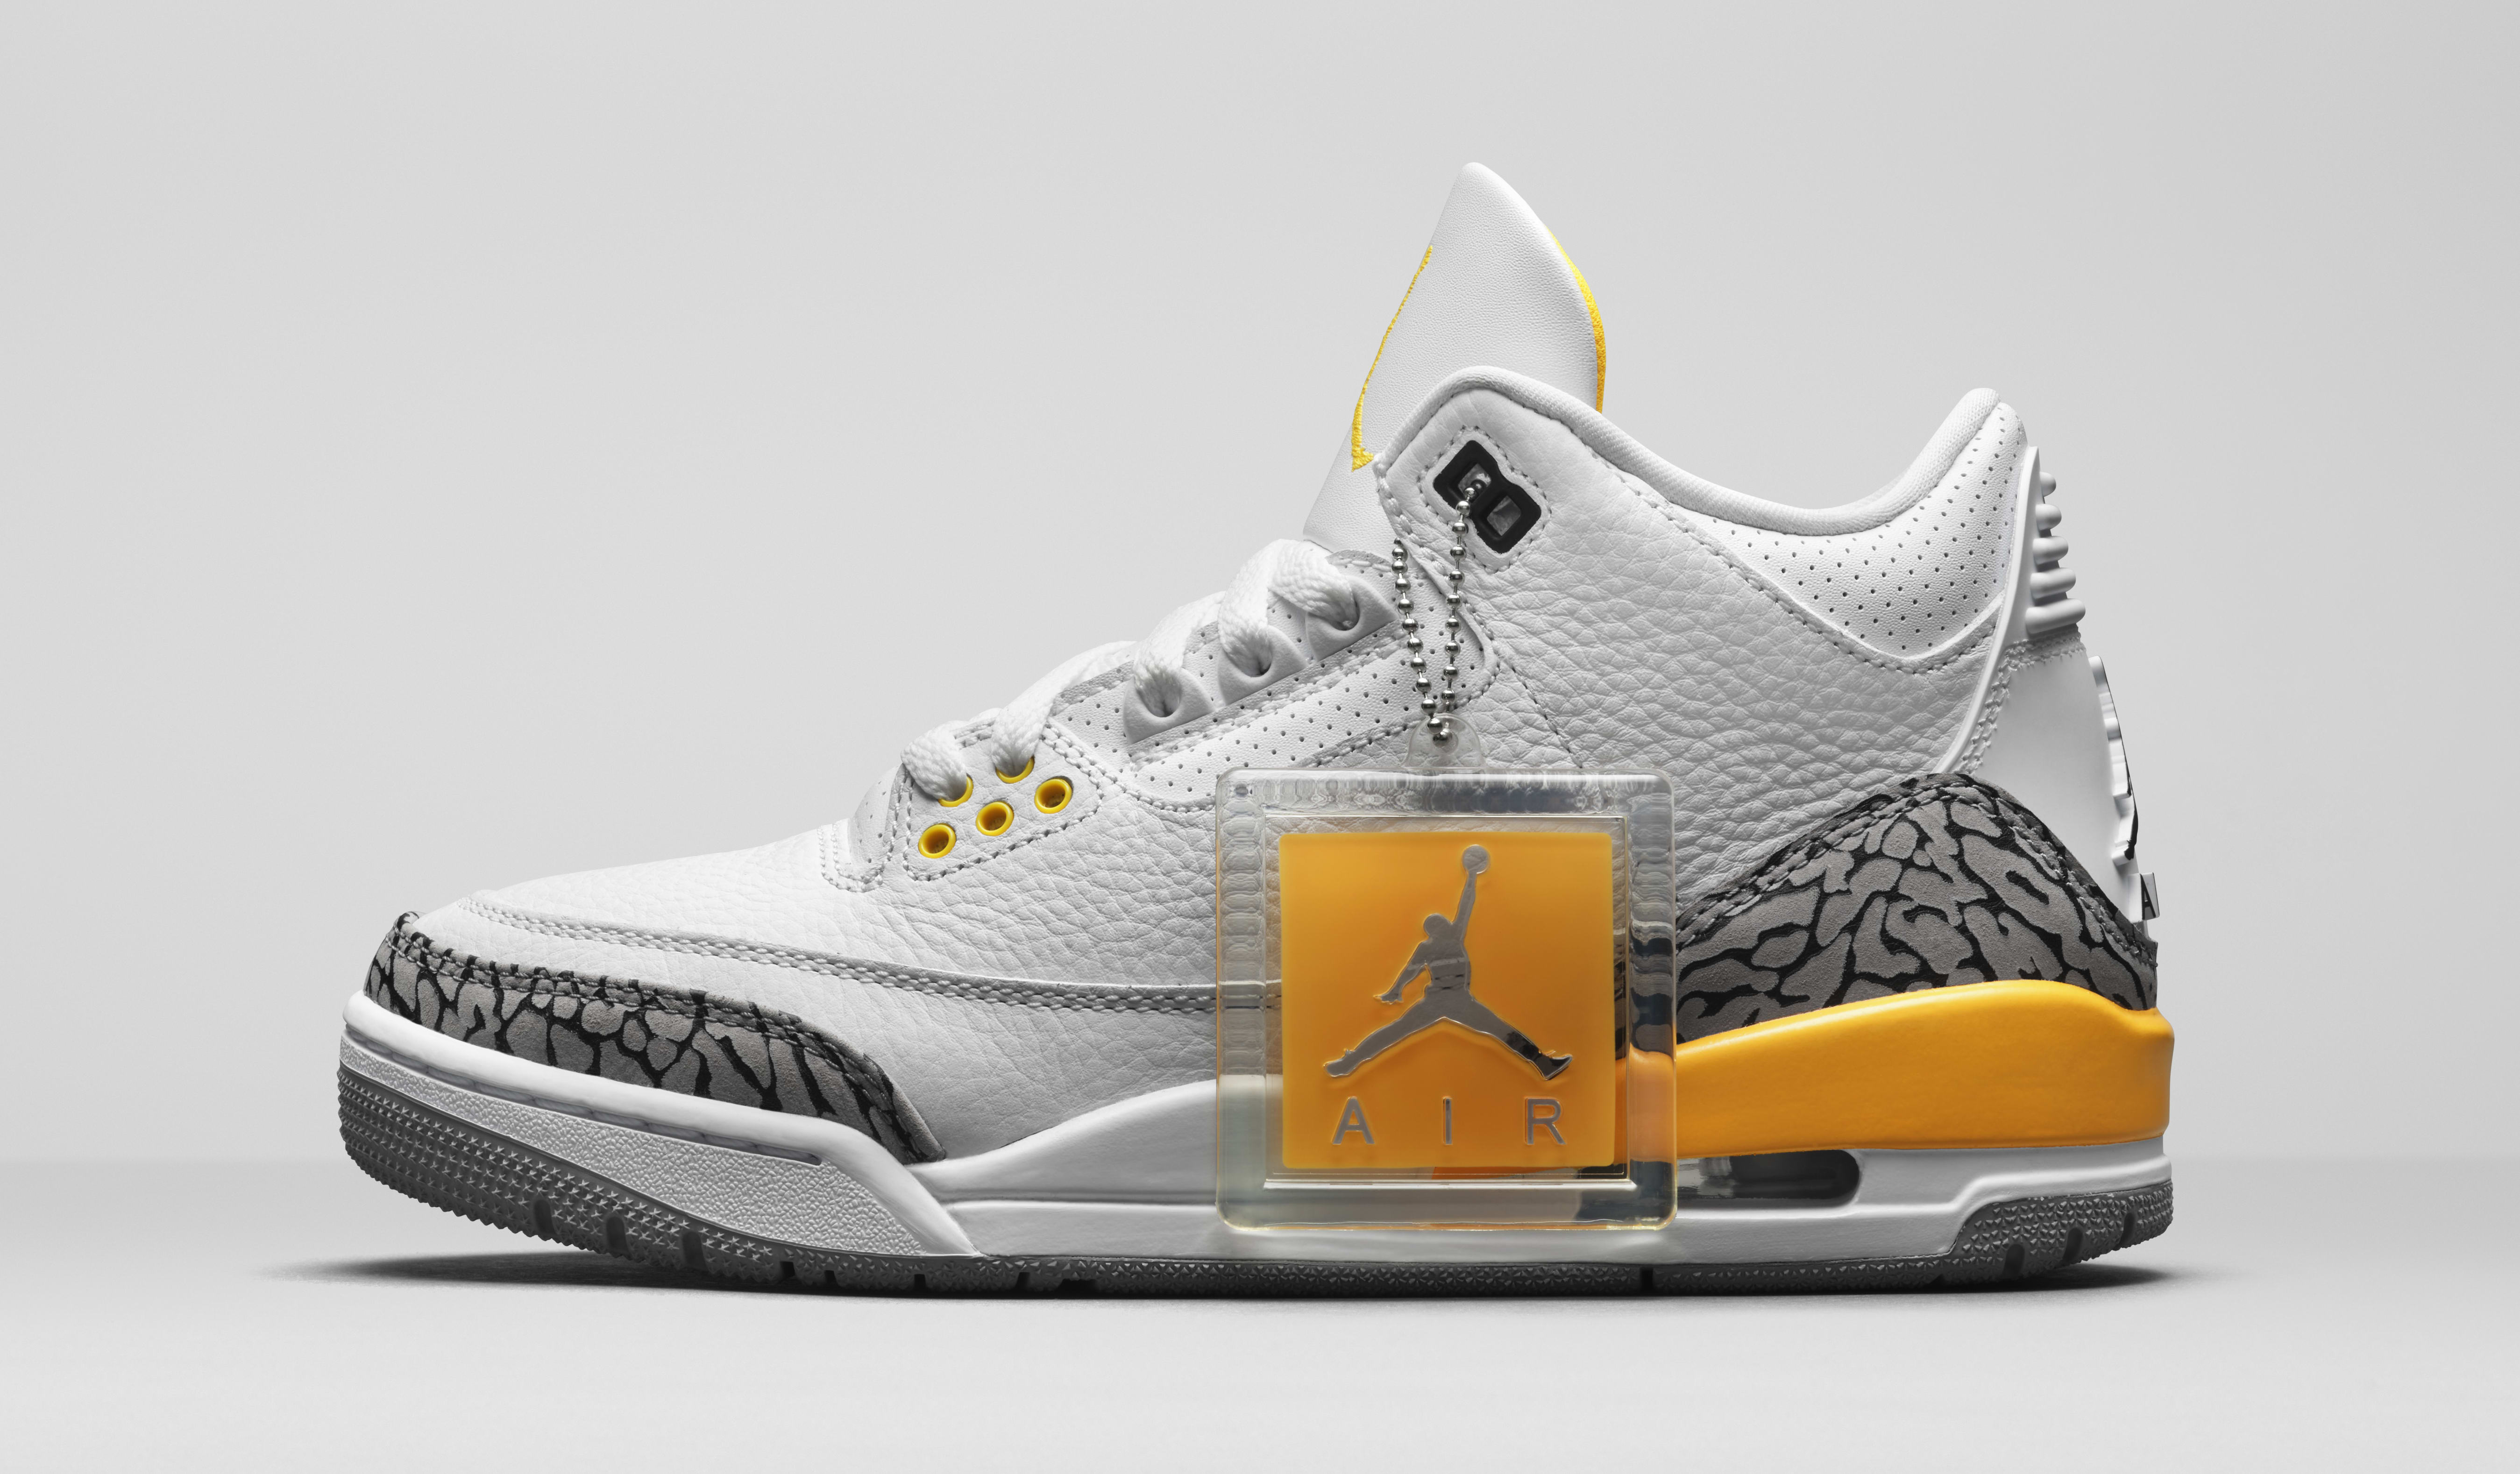 air jordan 3 sneakers